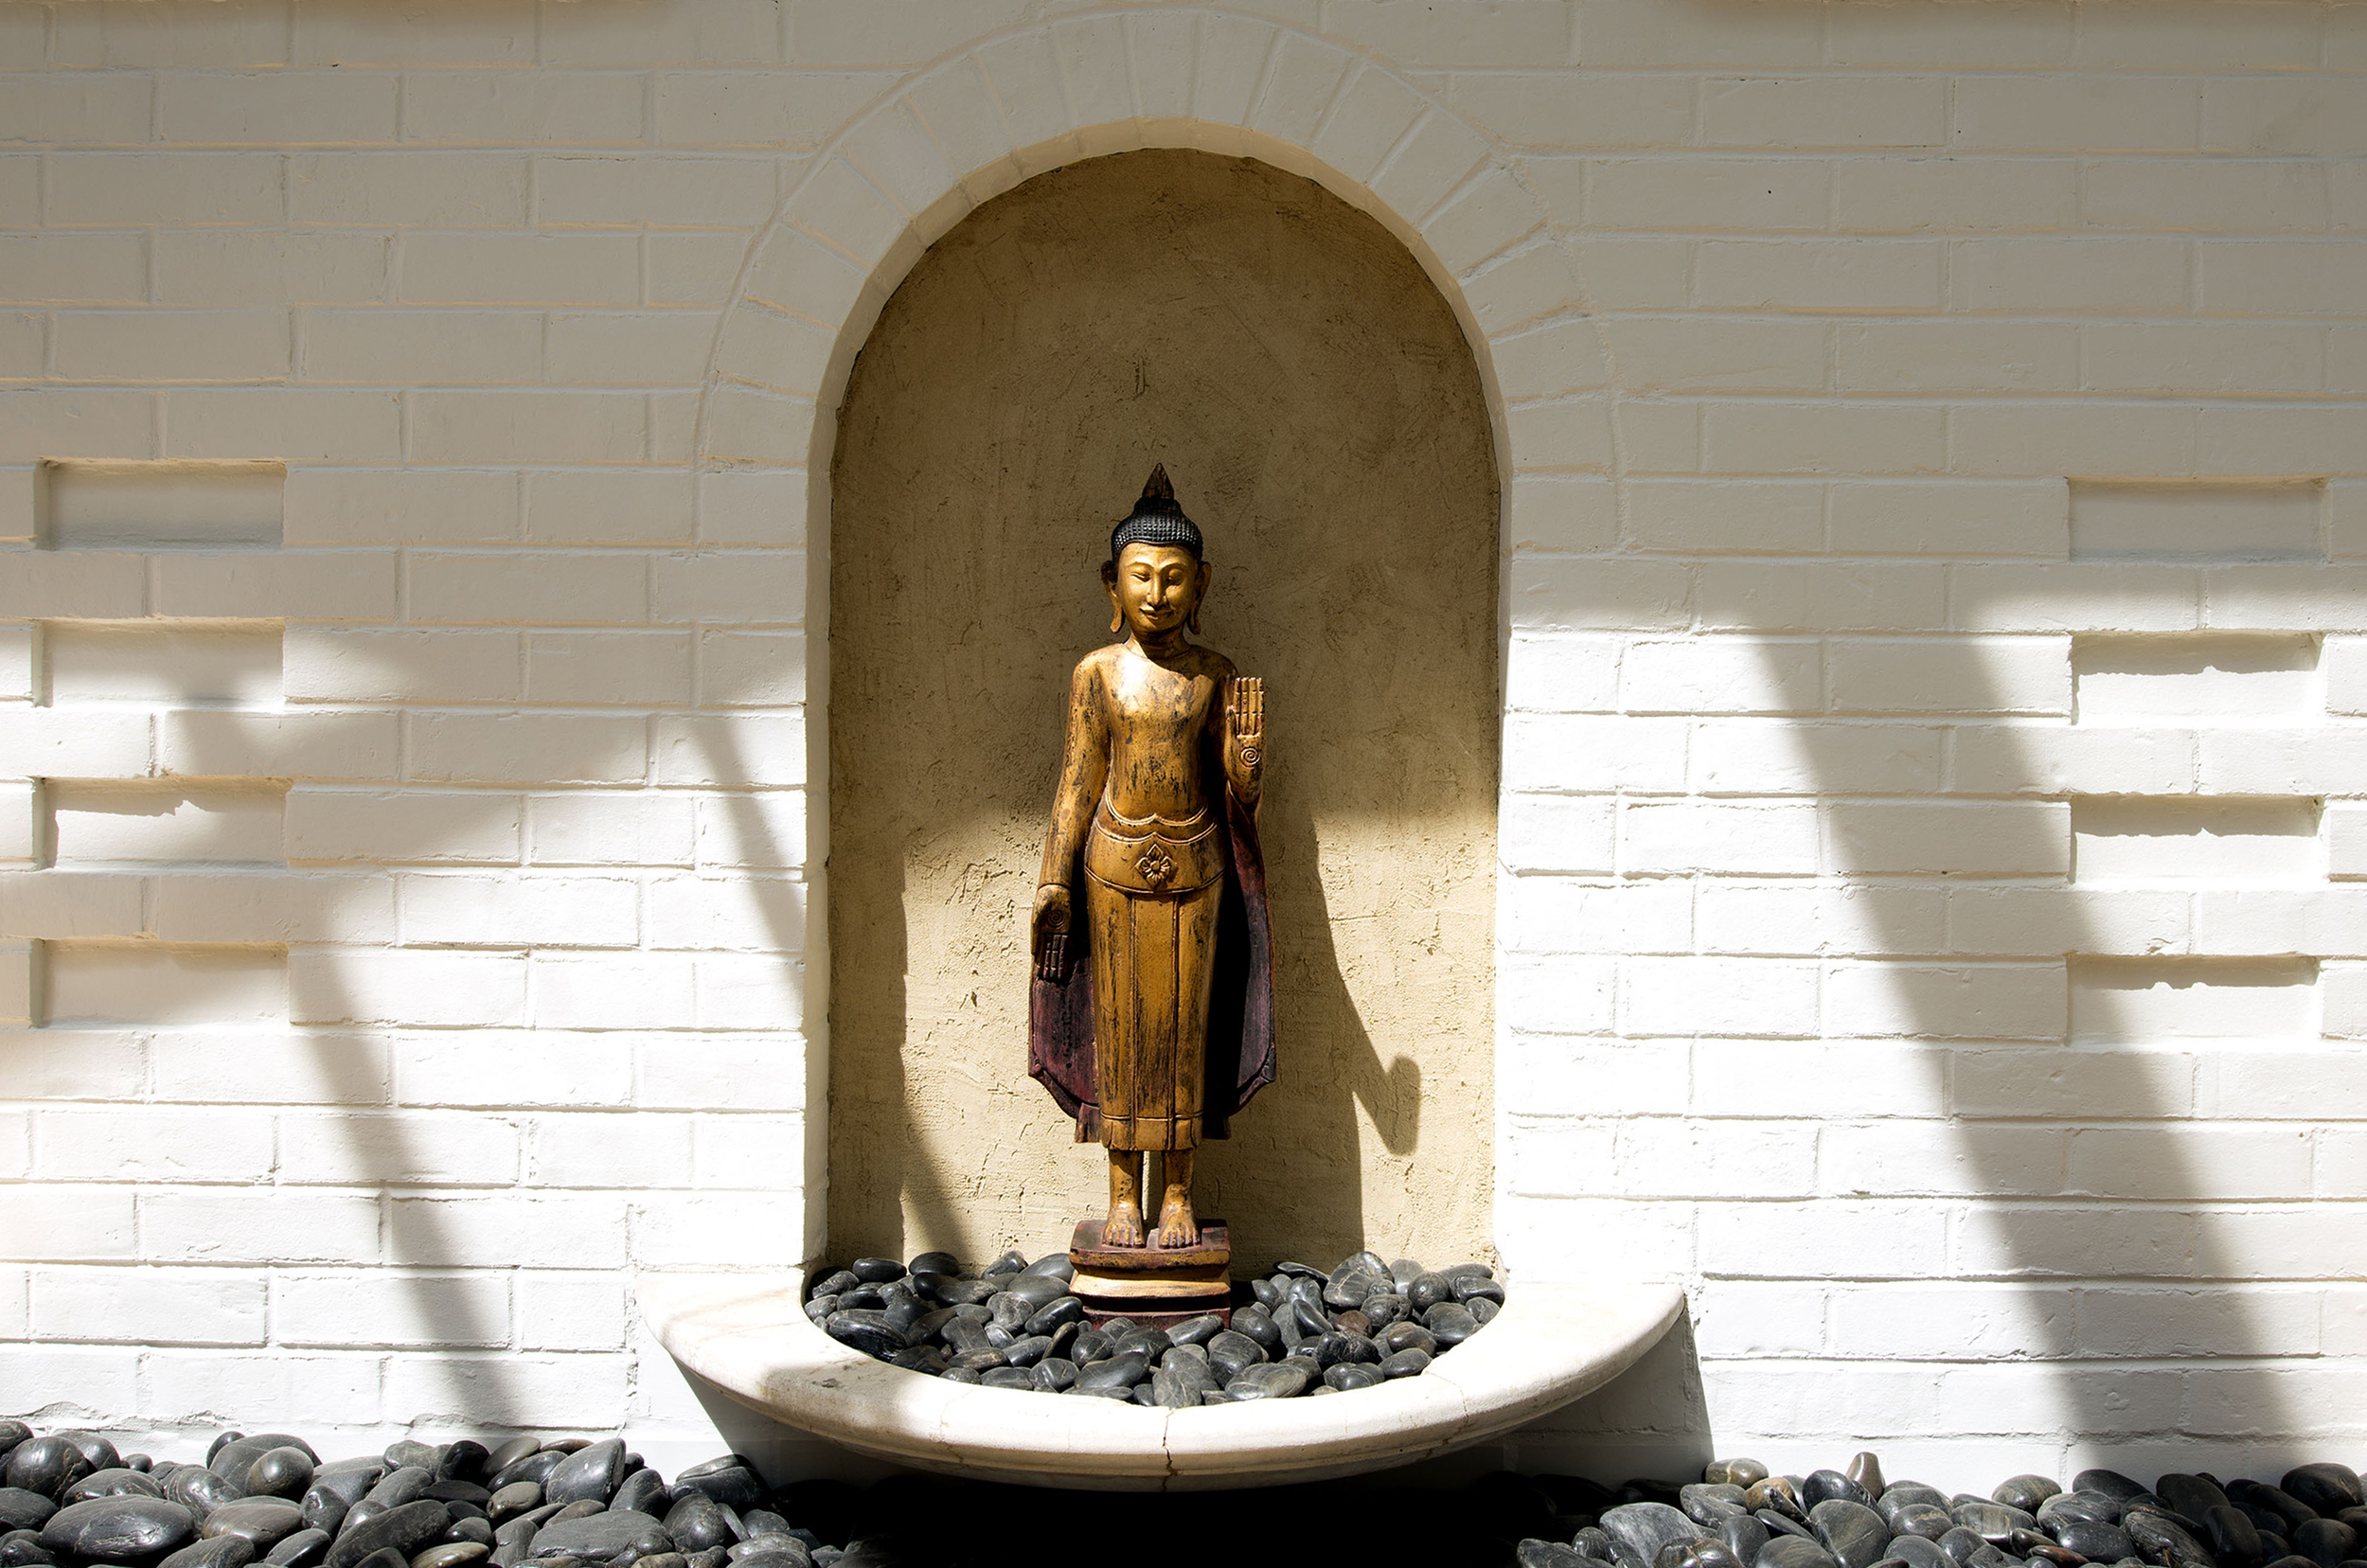 15-Kitchen-Detail-Buddha.jpg